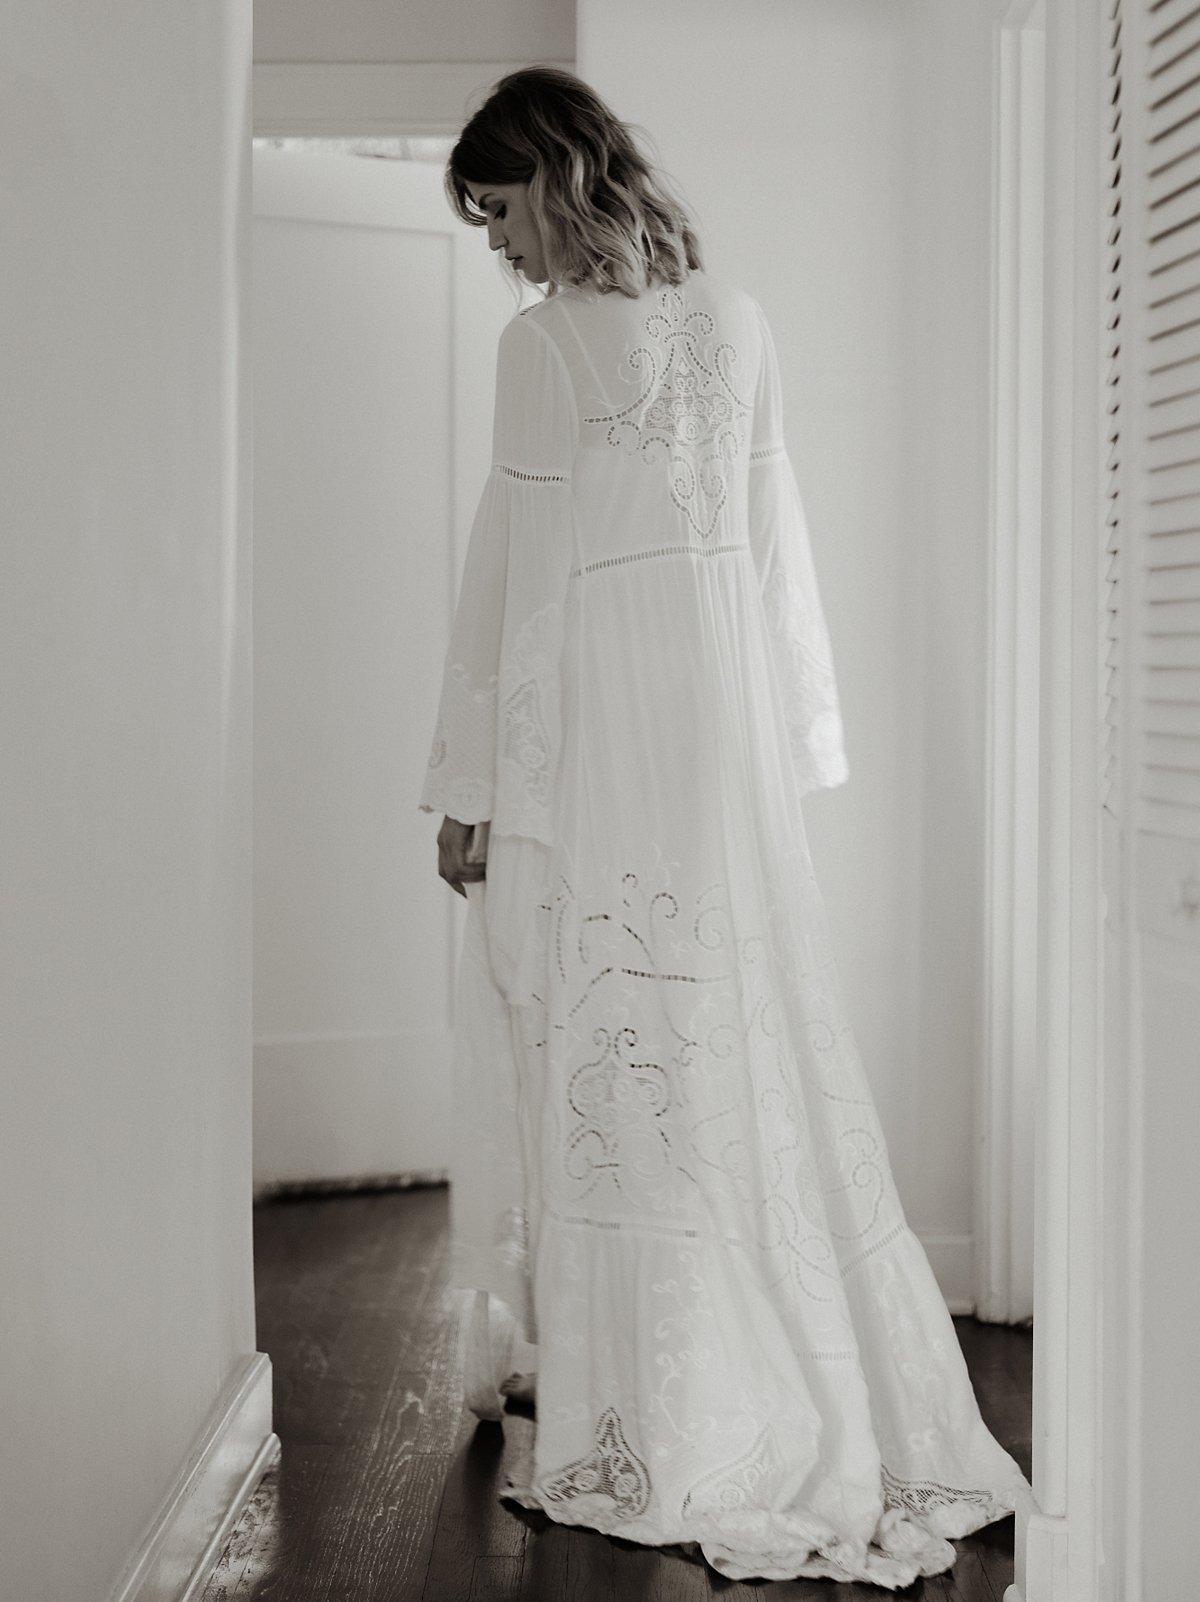 Gwendolyn围裹式礼服